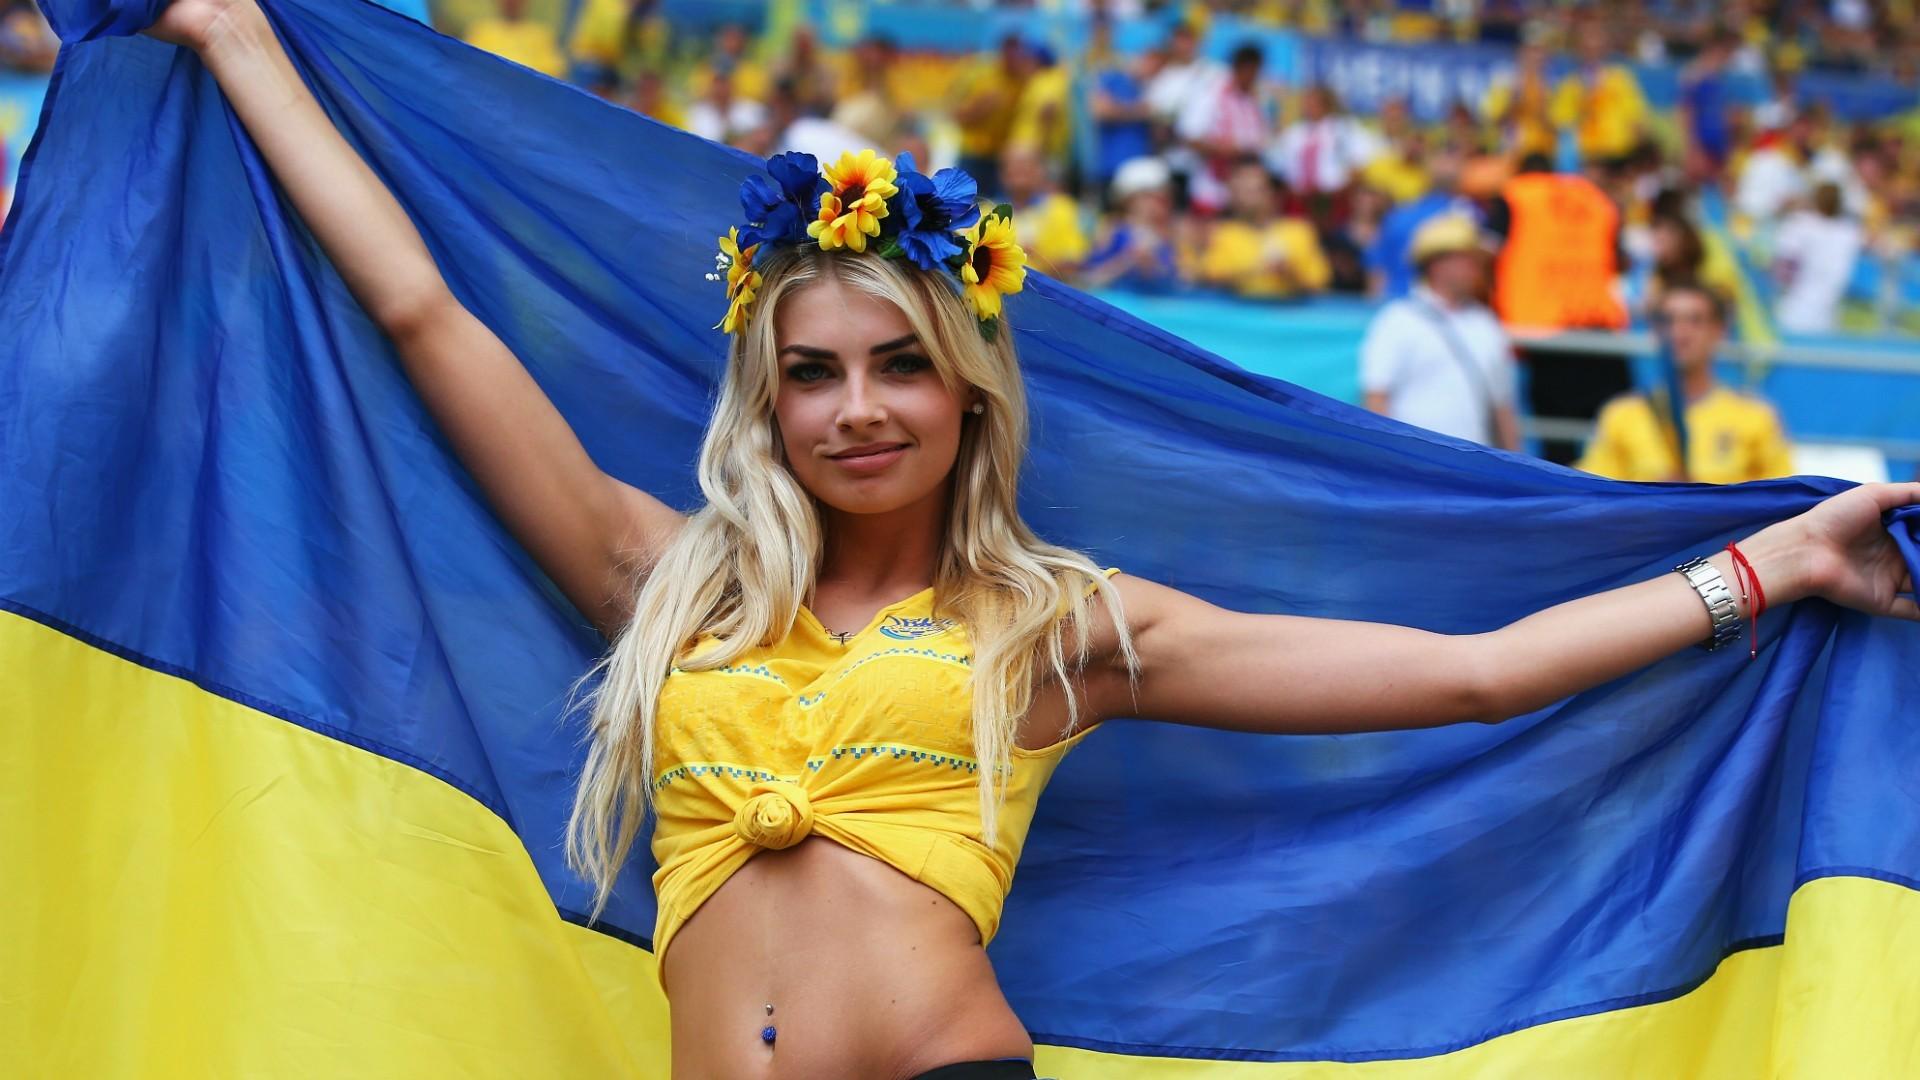 Фото красивых девушек украины, Где самые красивые девушки? В России или на Украине? 18 фотография